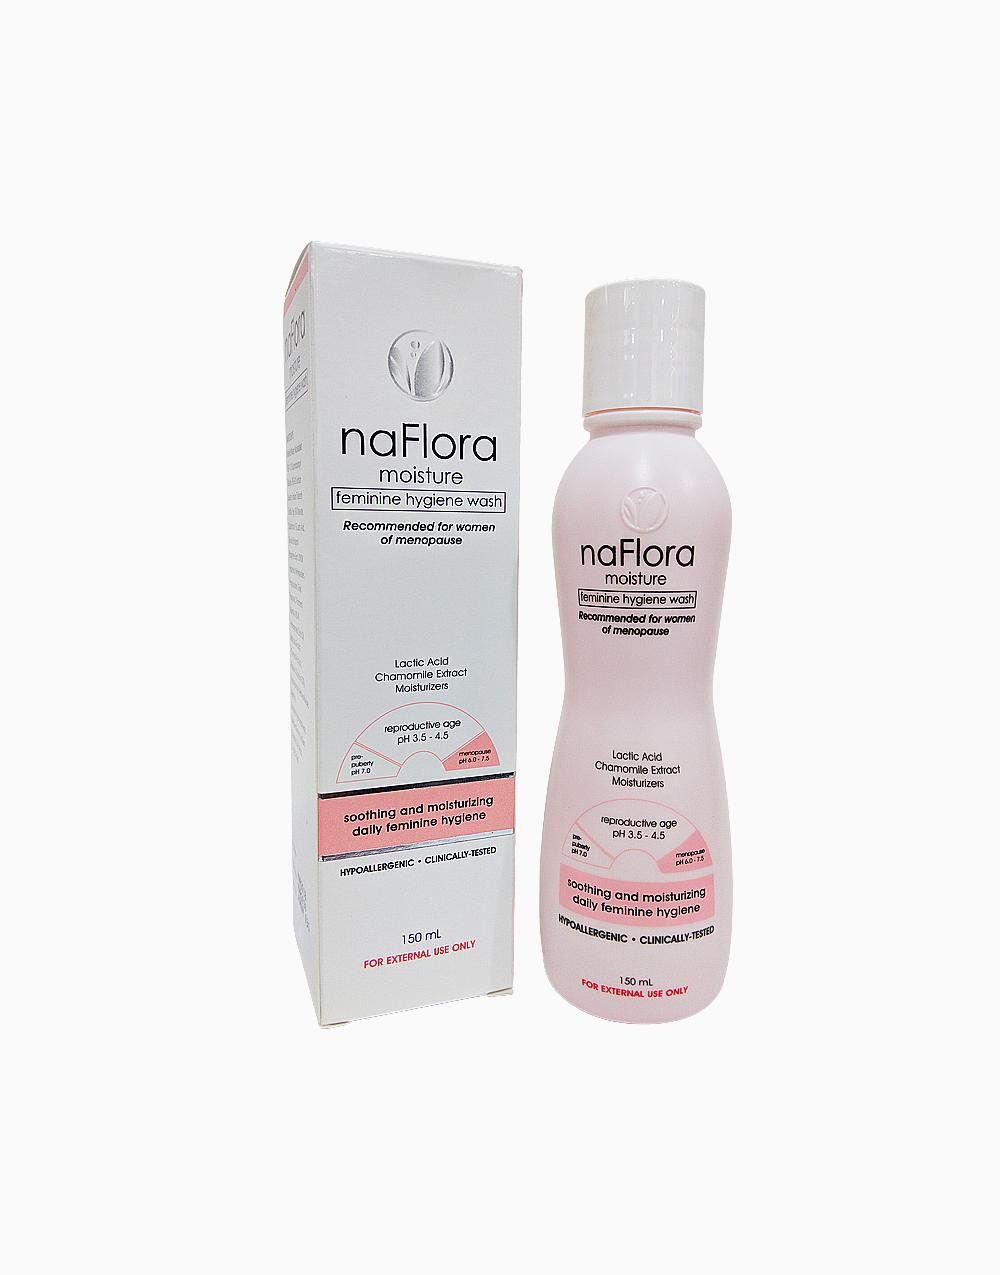 Moisture Feminine Hygiene Wash (150ml) by NaFlora